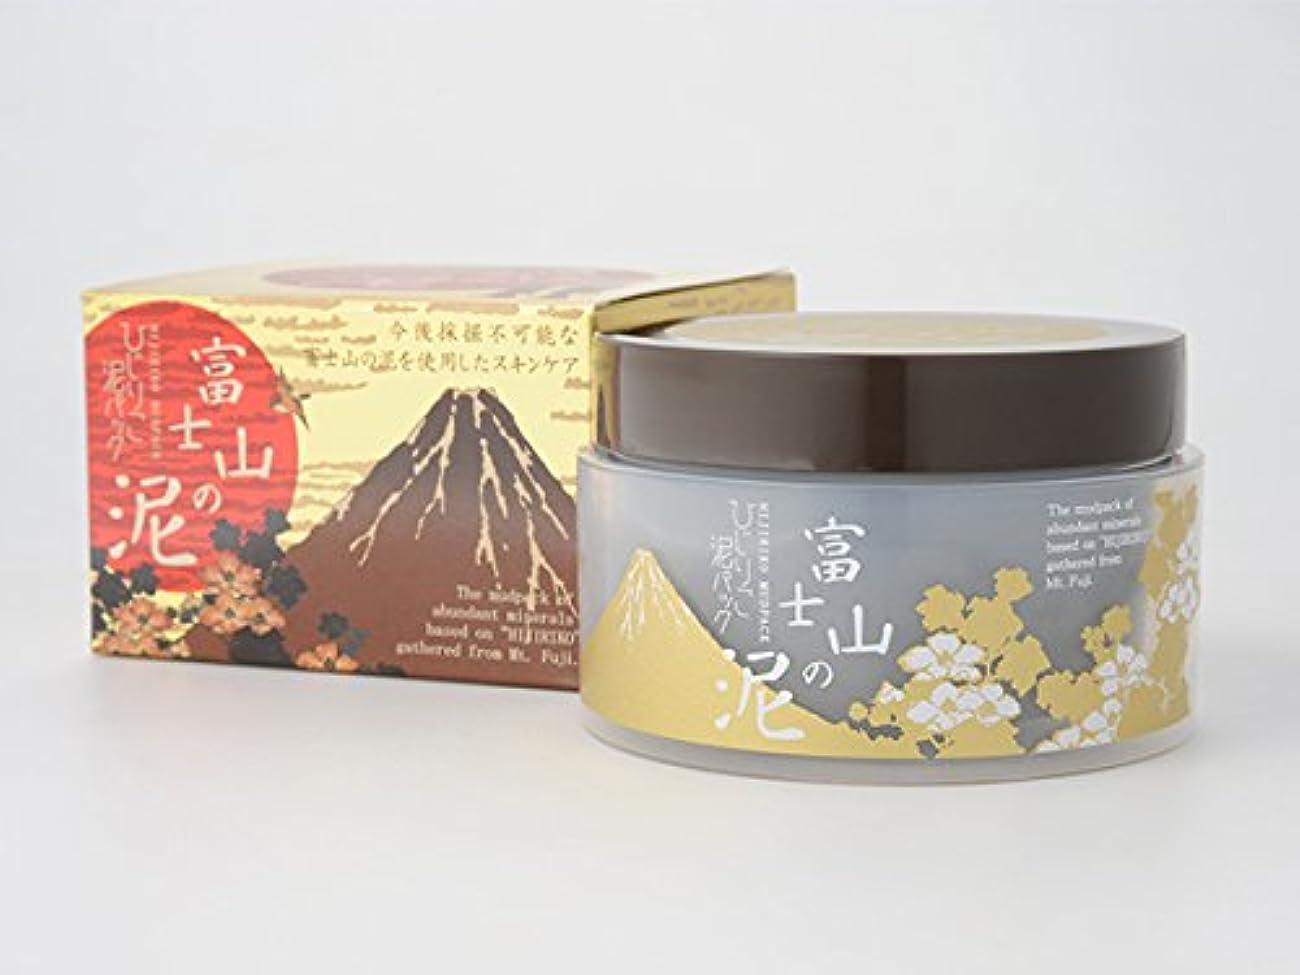 ひじりこ化粧品 ひじりこ泥パックS 富士山の泥 120g